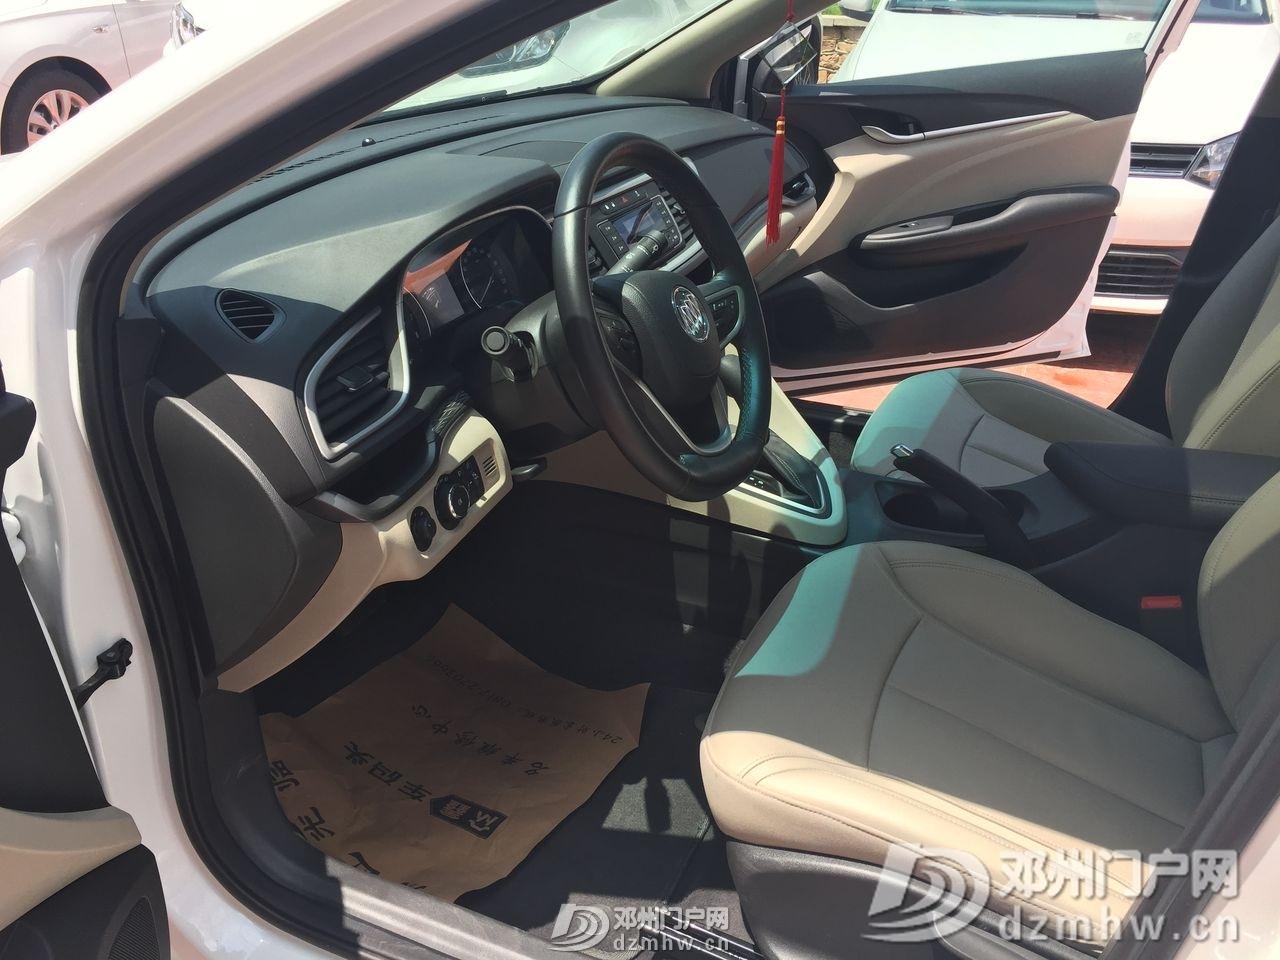 分期购车  一成首付 - 邓州门户网|邓州网 - 4.jpg